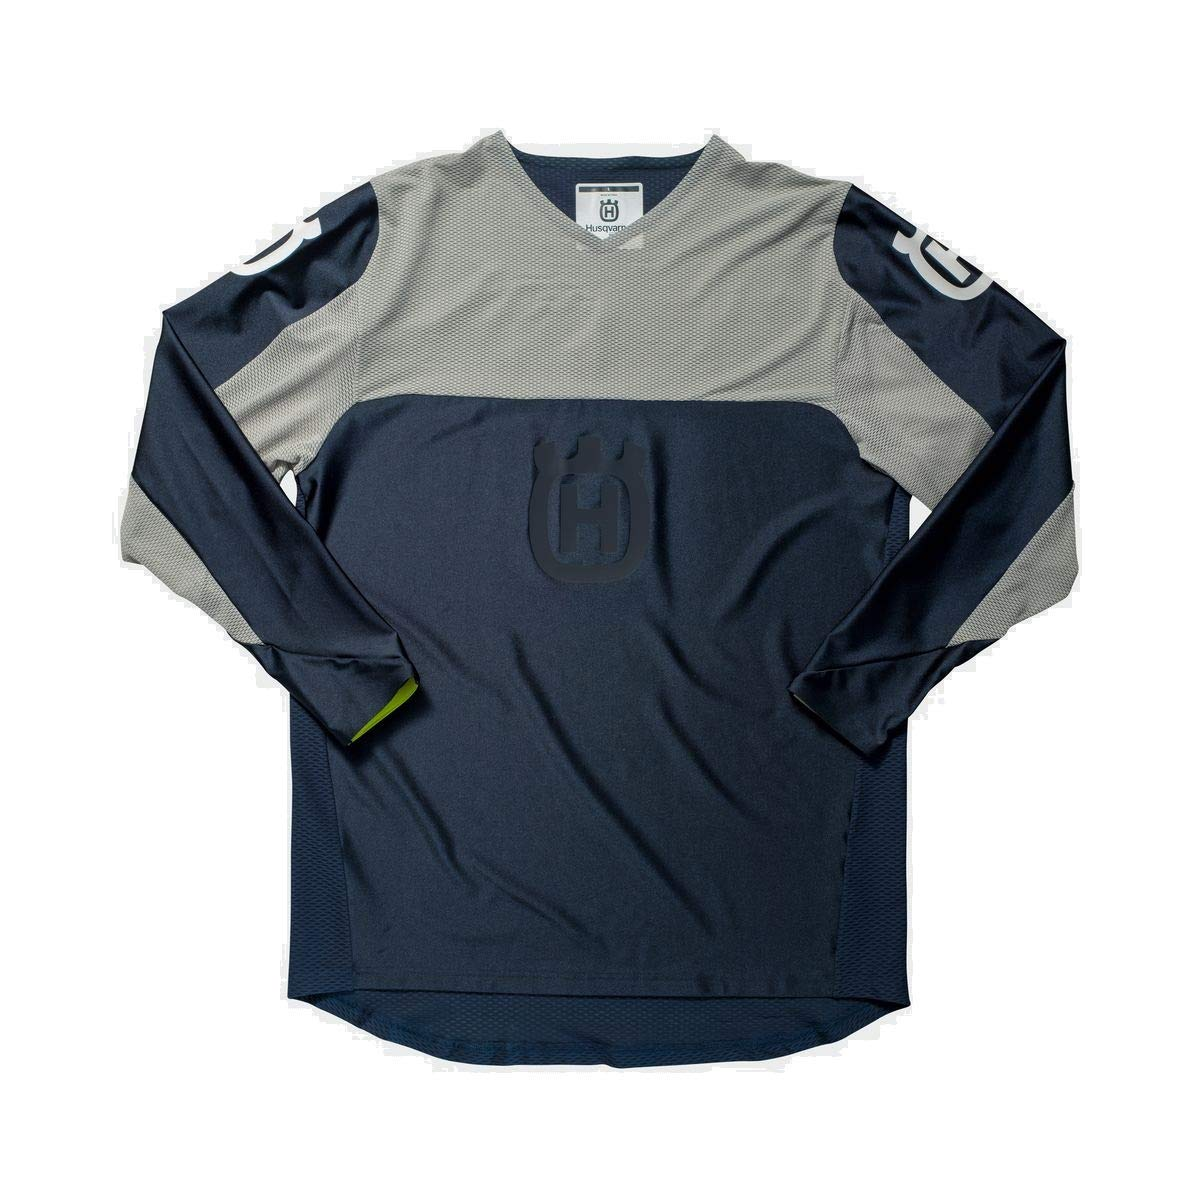 Husqvarna Railed Jersey (XXL, Blue)